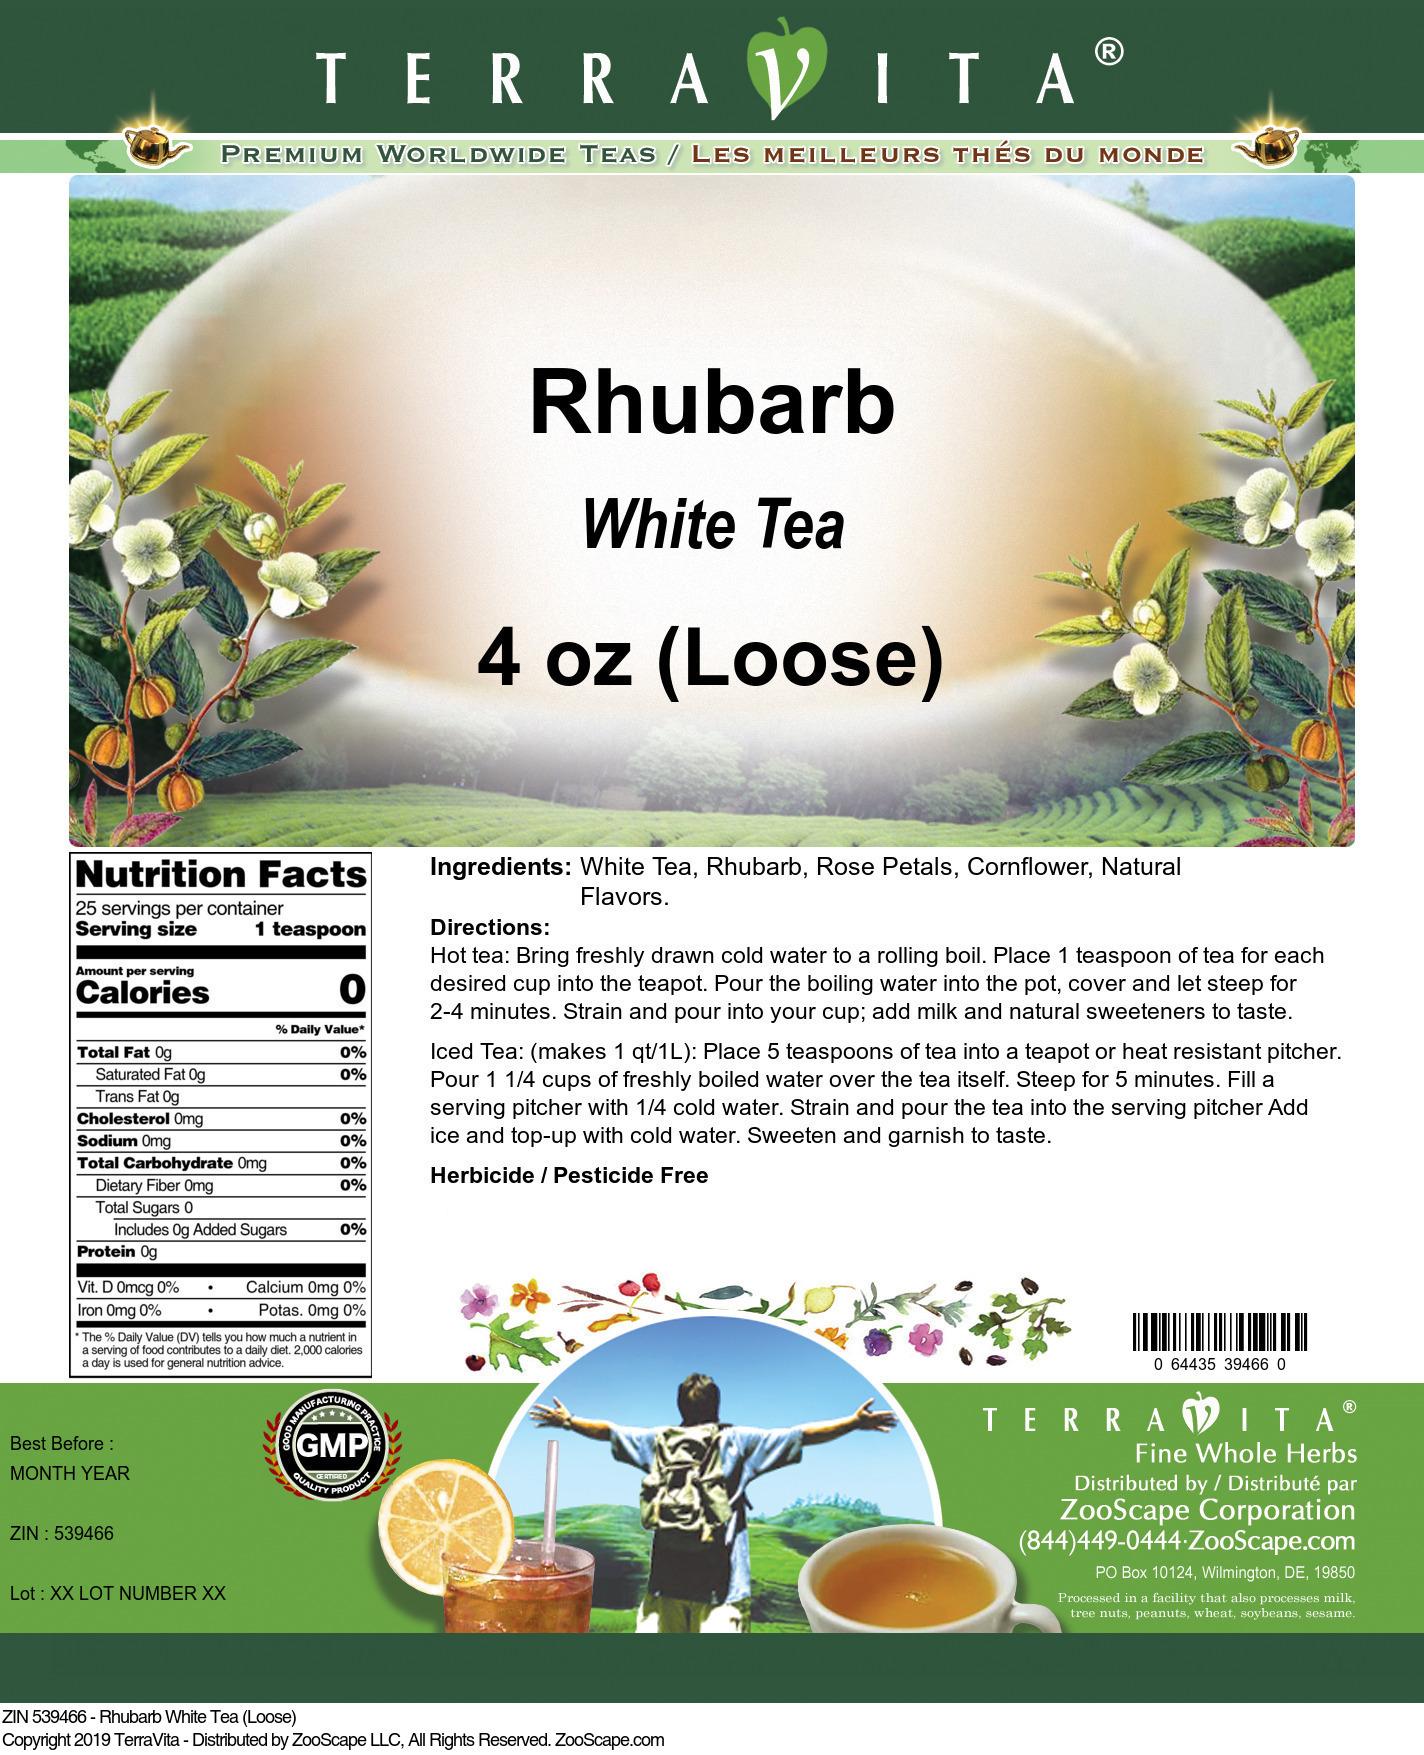 Rhubarb White Tea (Loose)